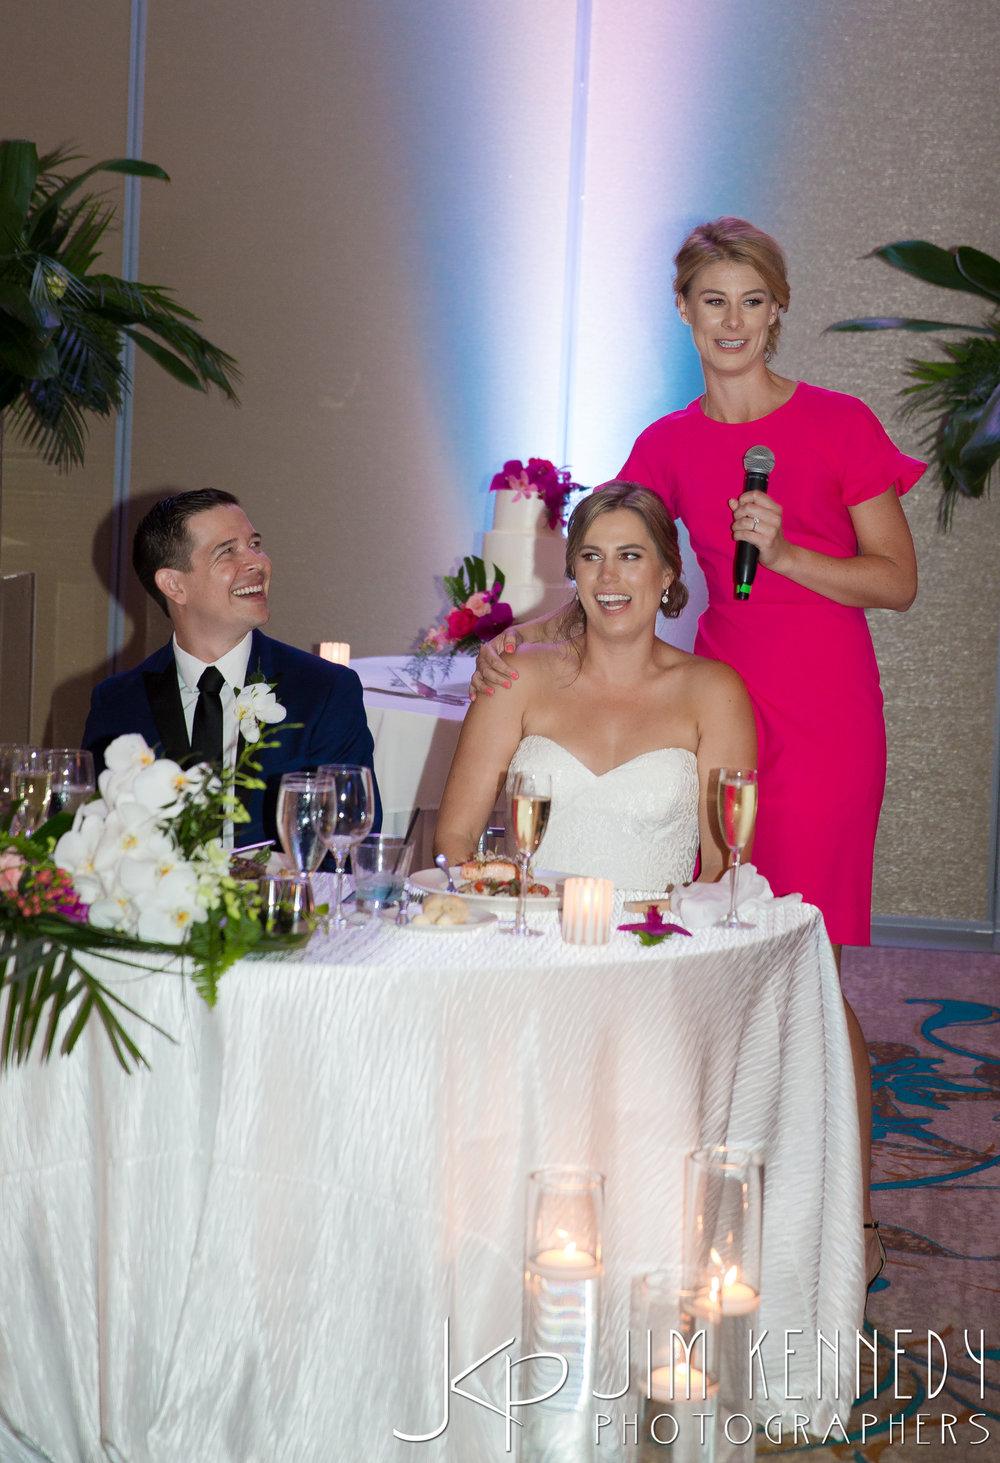 cape_key_carlsbad_wedding_0114.JPG